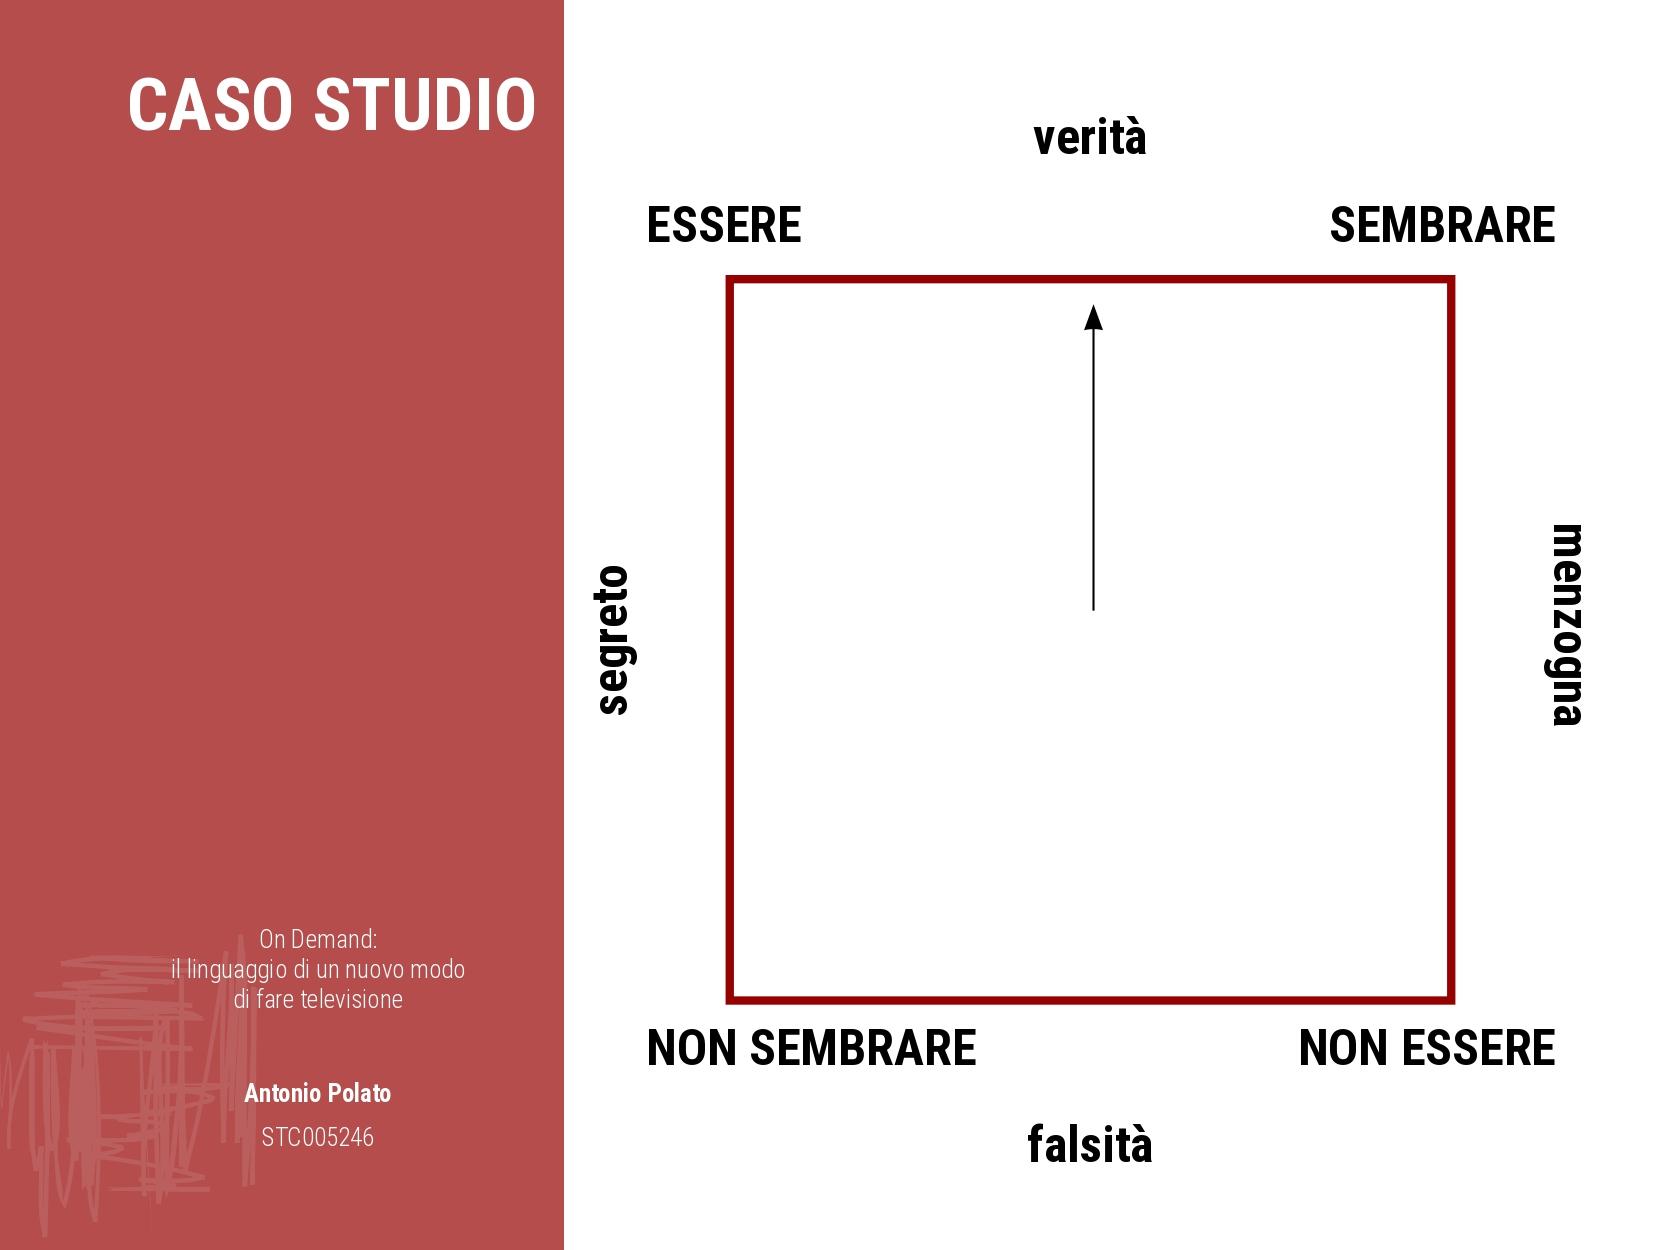 On demand il linguaggio di un nuovo modo di fare la televisione Antonio Polato nuovo quadrato di veridizione dos chef en lujo